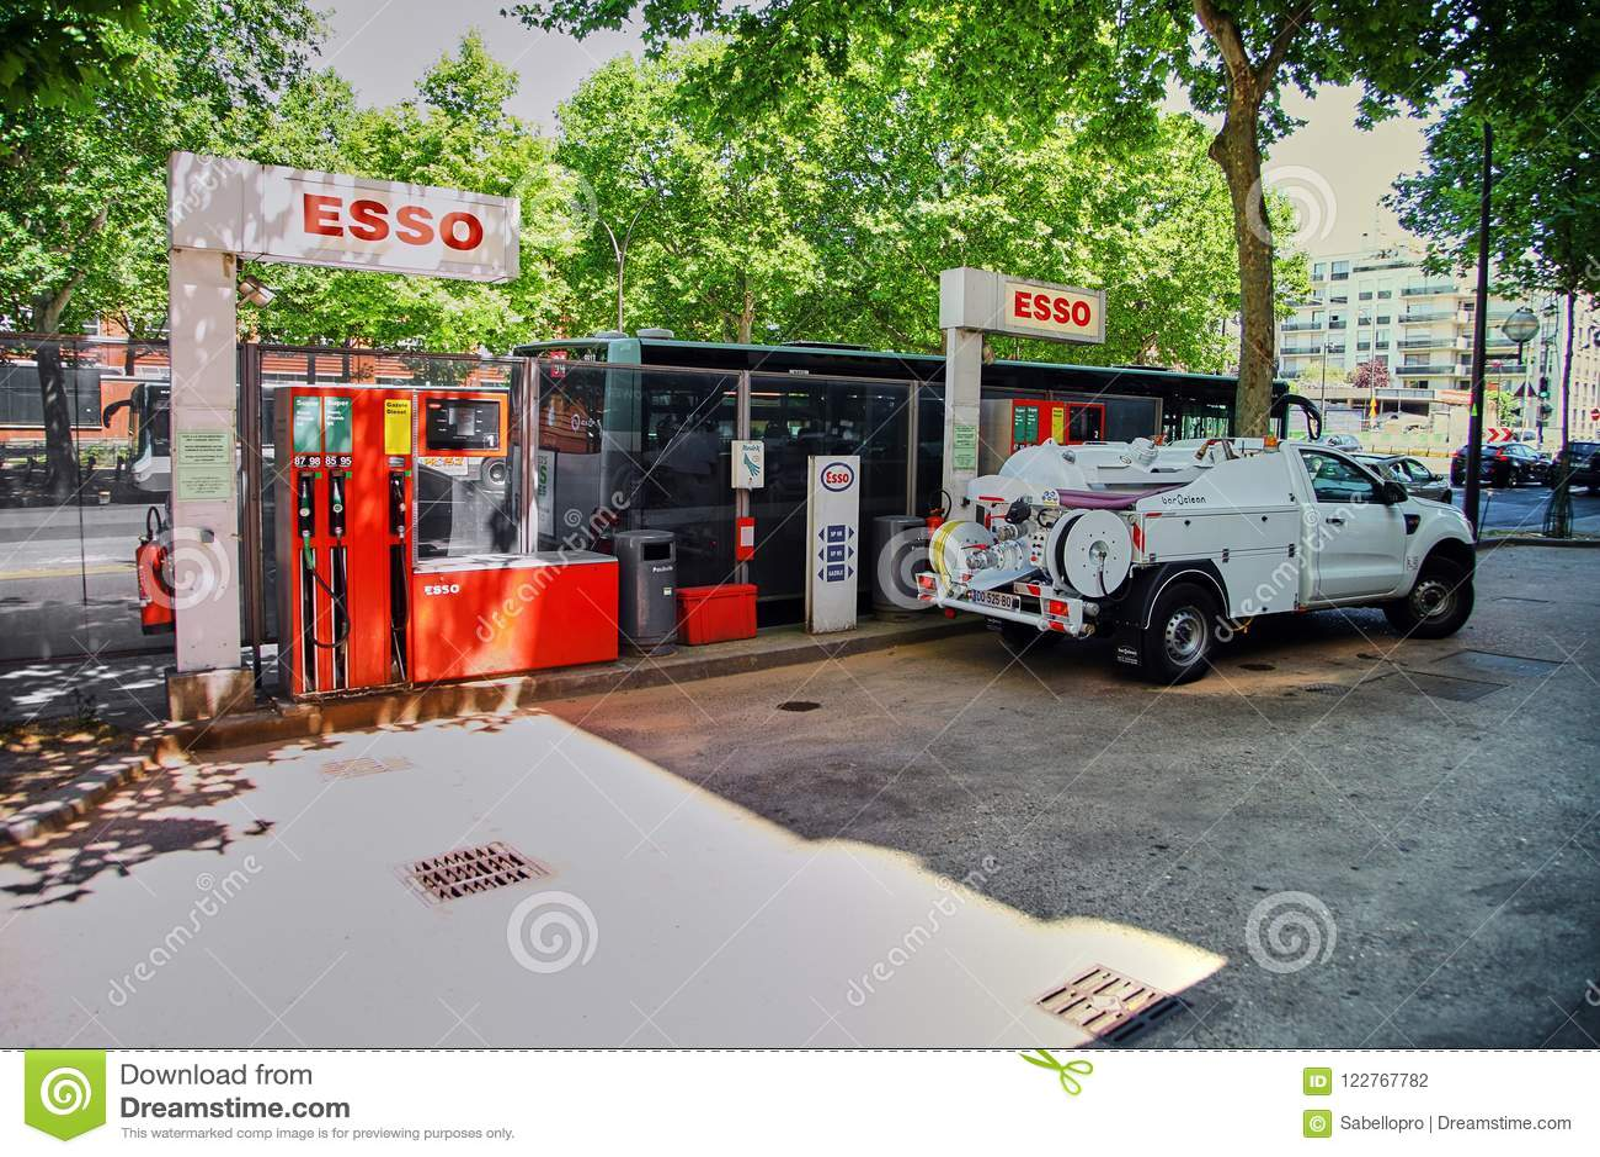 Paris, França - 28 de junho de 2015: Posto de gasolina de Esso